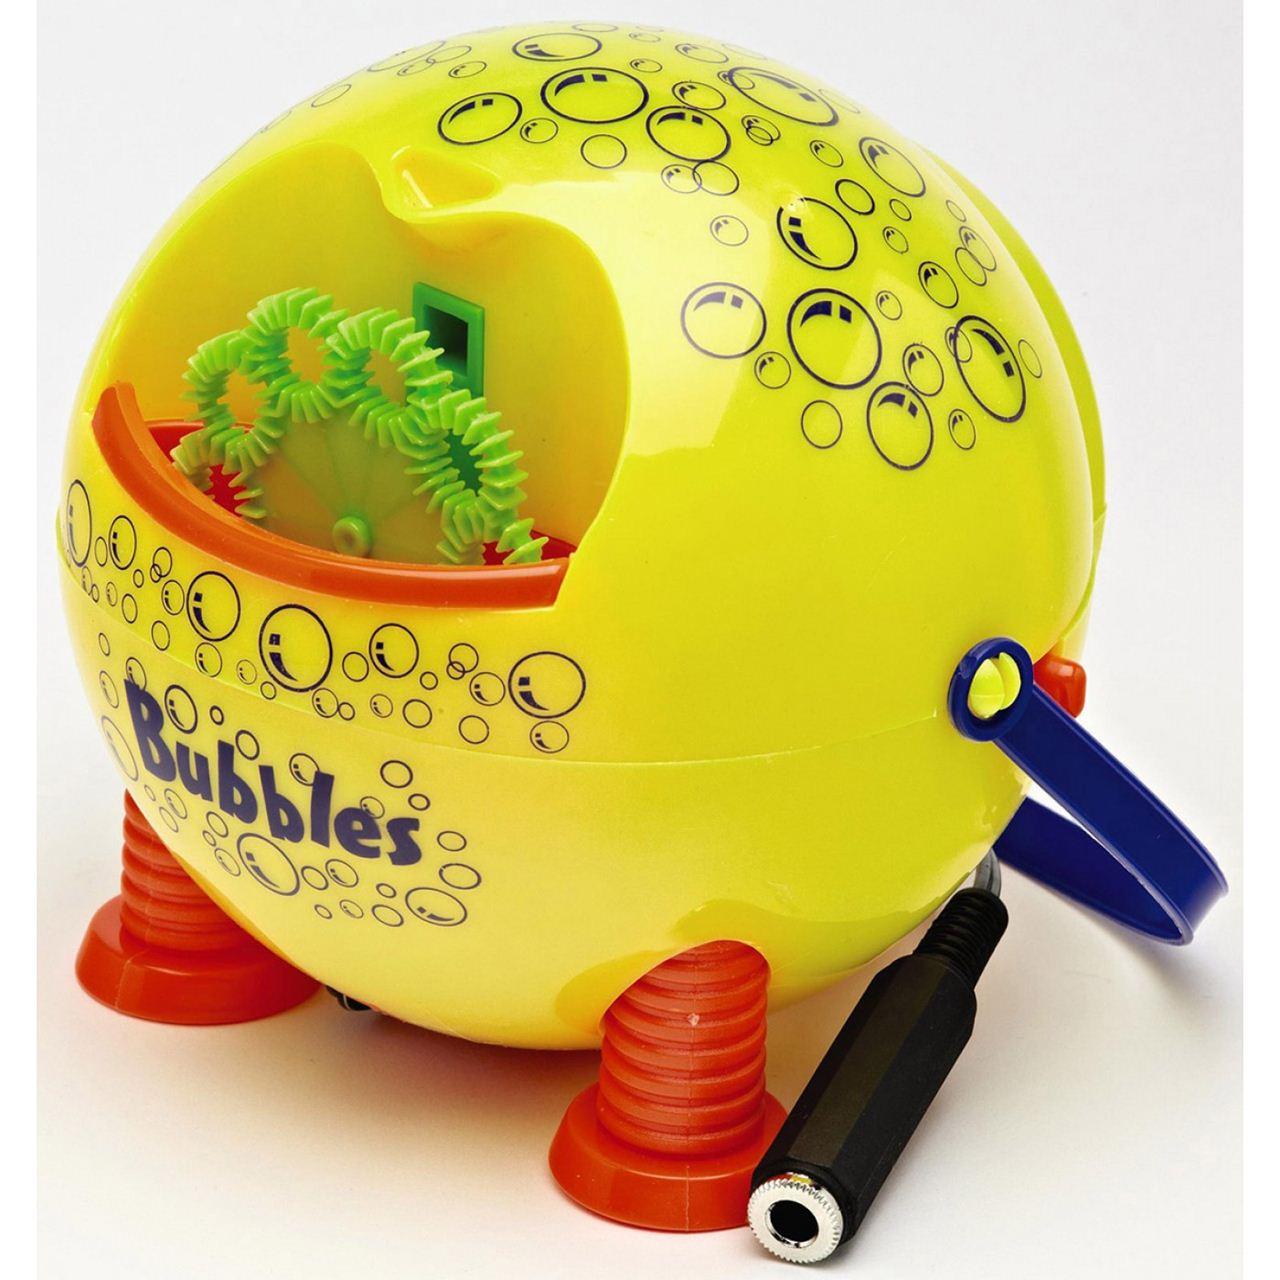 Továrna na bublinky – se zástrčkou pro spínač BEST SELLER